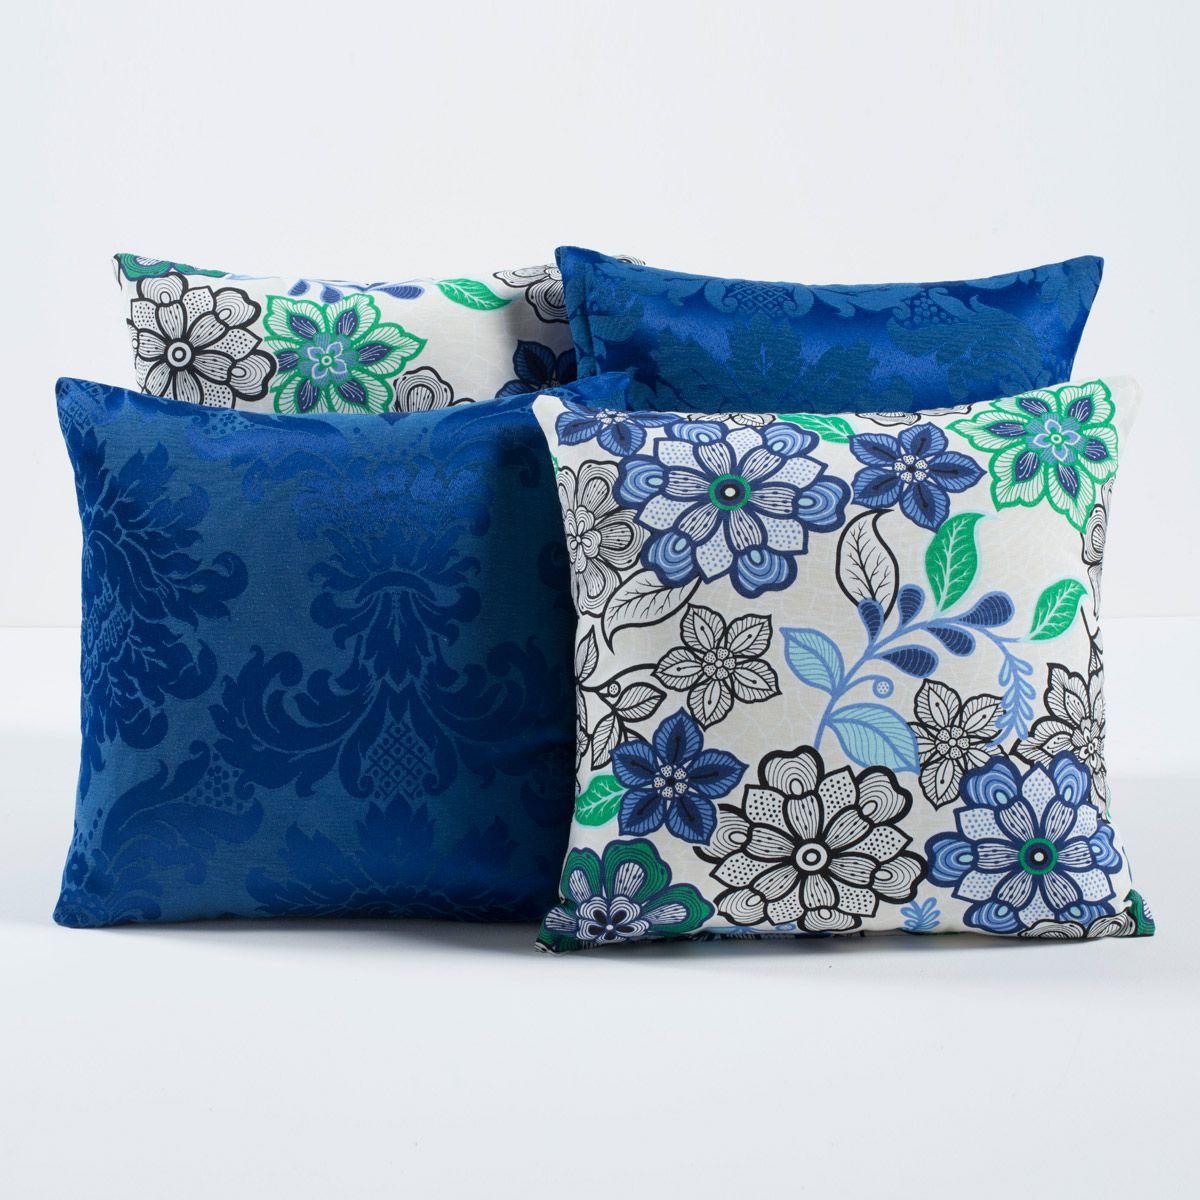 Kit Capas de Almofadas Decorativas Floral Azul/Verde 04 Peças